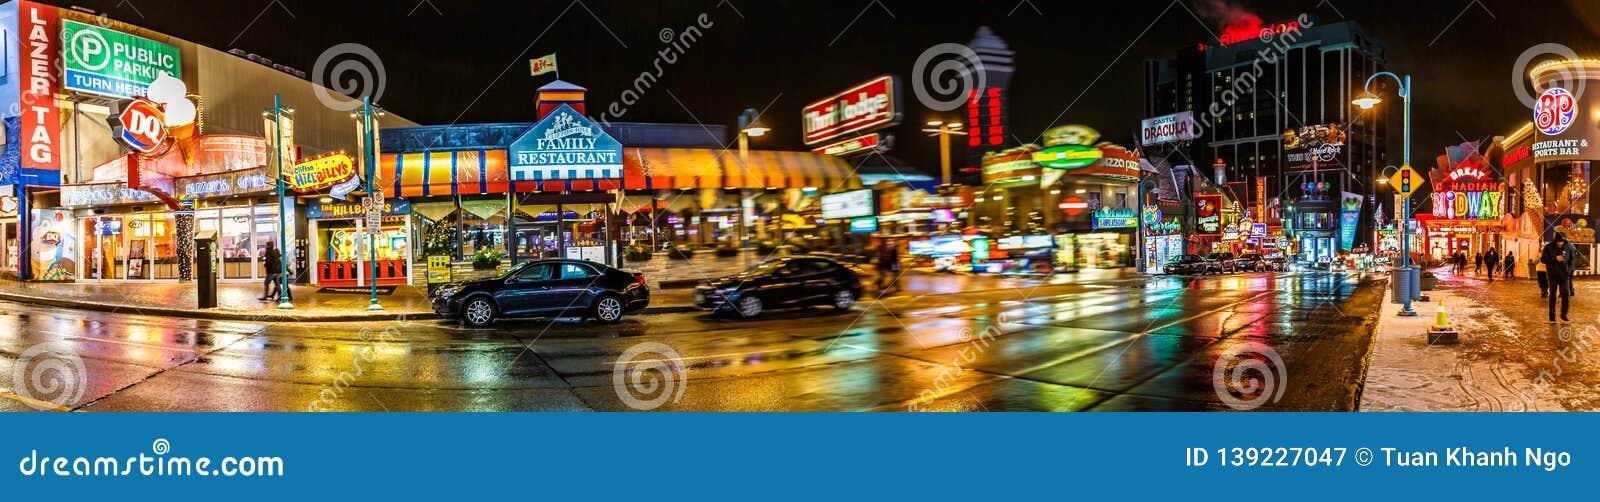 Niagara Falls Downtown Ontario Canada Editorial